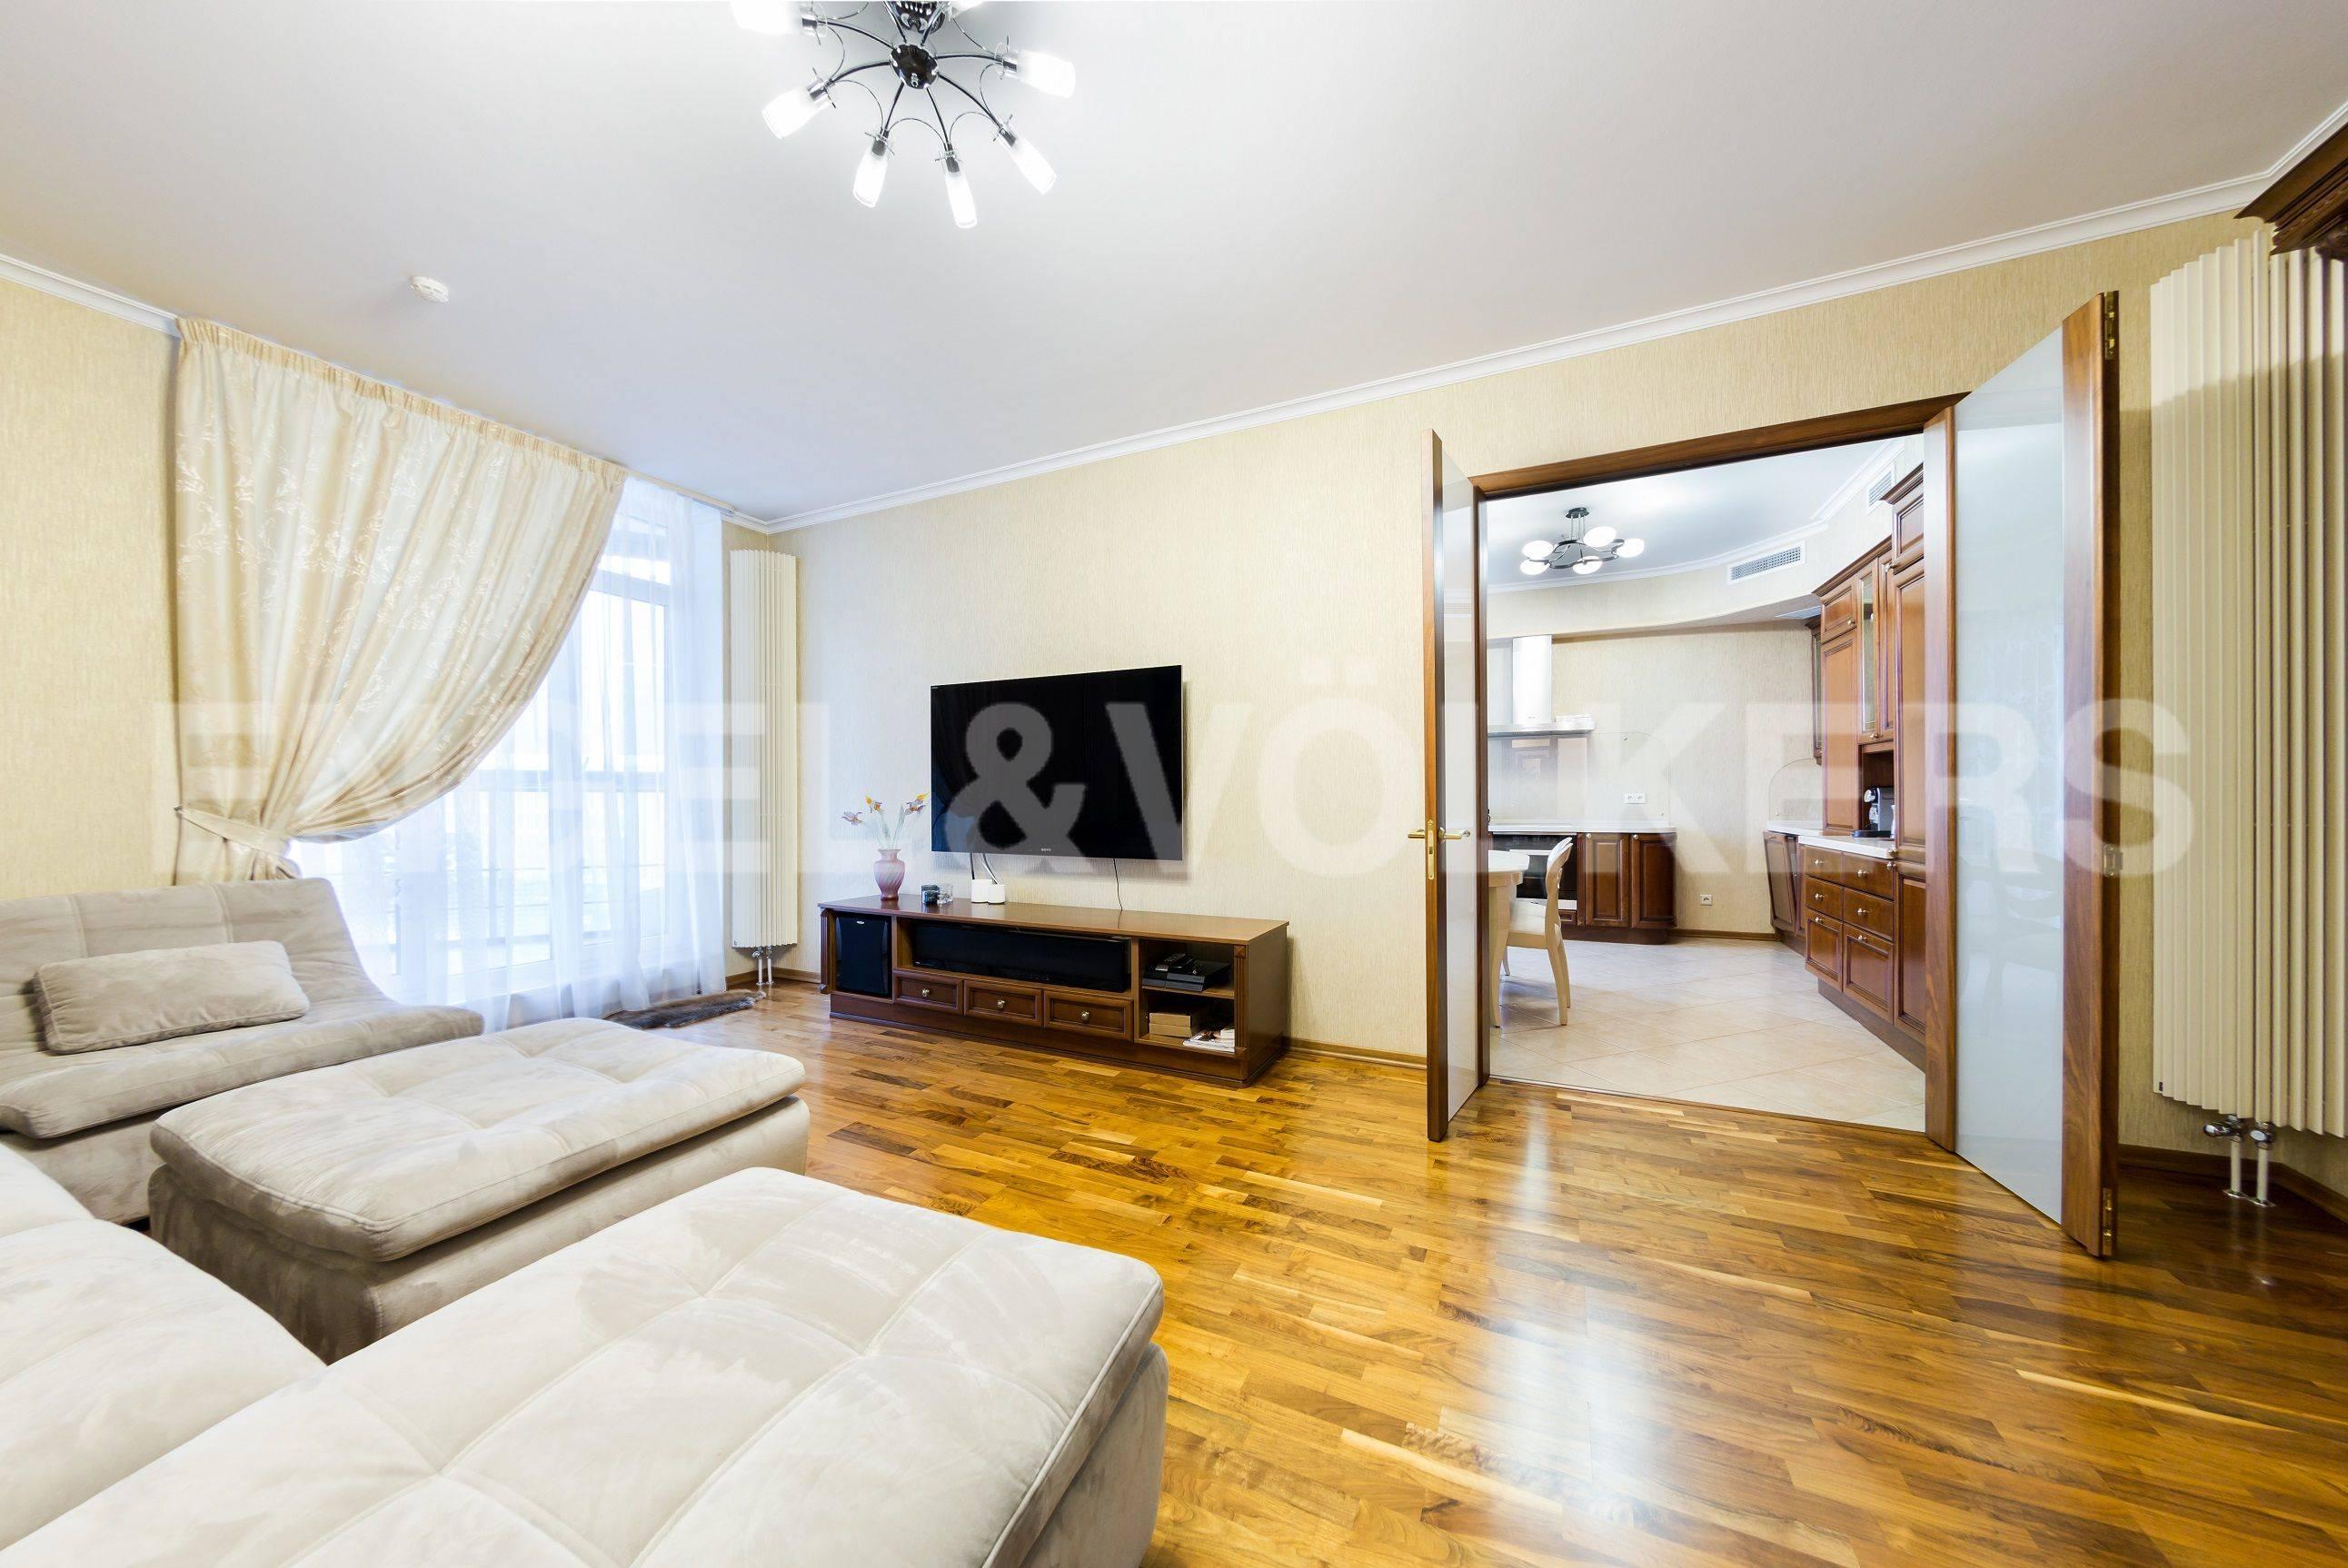 Элитные квартиры в Центральном районе. Санкт-Петербург, Шпалерная ул. 60. Выход из гостиной к столовой зоне